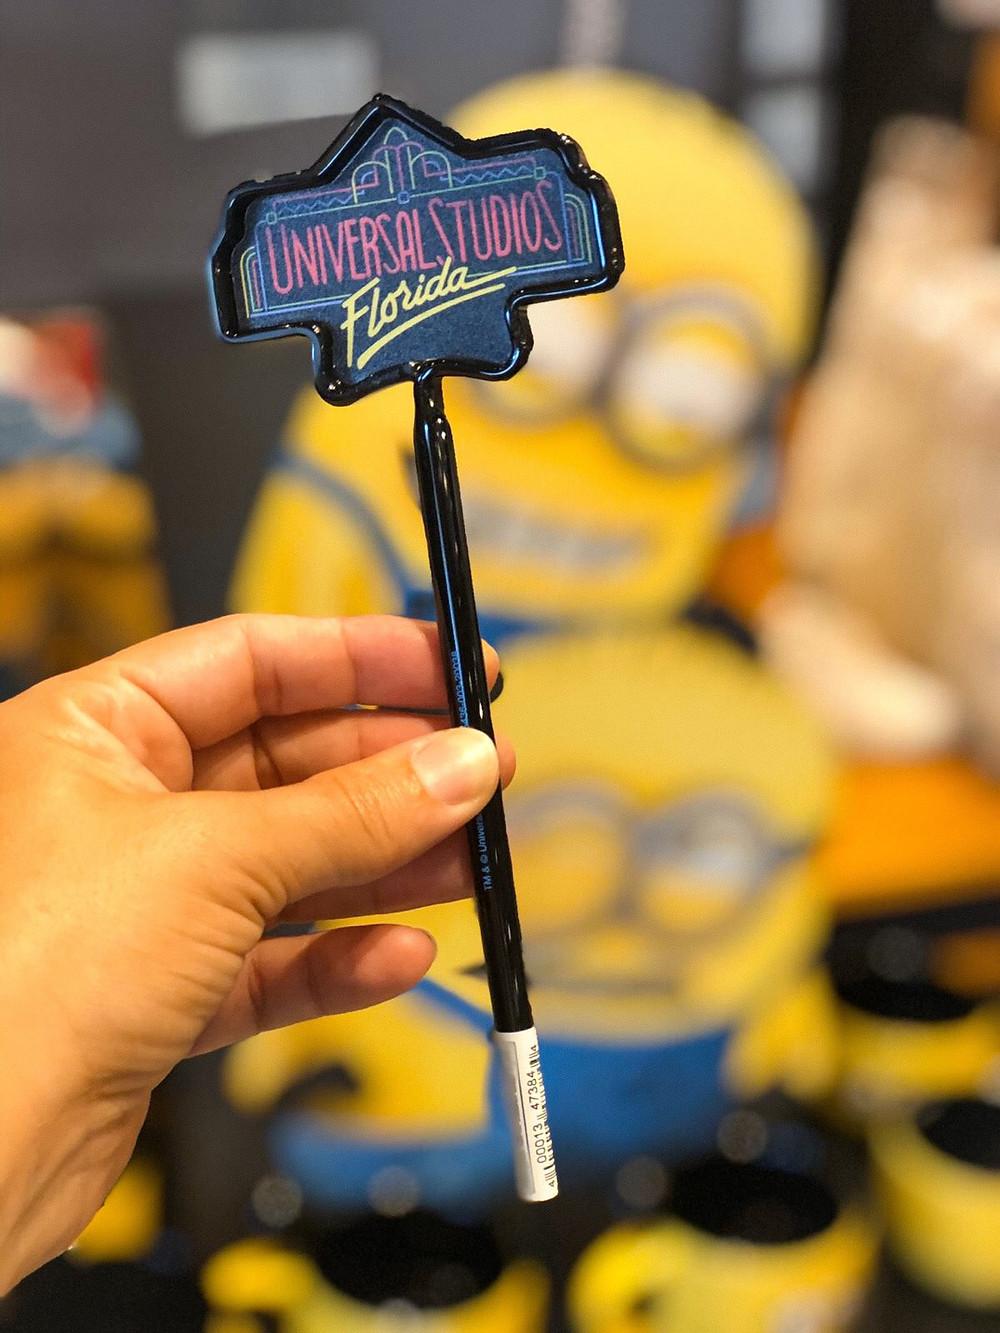 Caneta 30 anos do parque Universal Studios em Orlando $5 - imagem Revista Orlando Wish